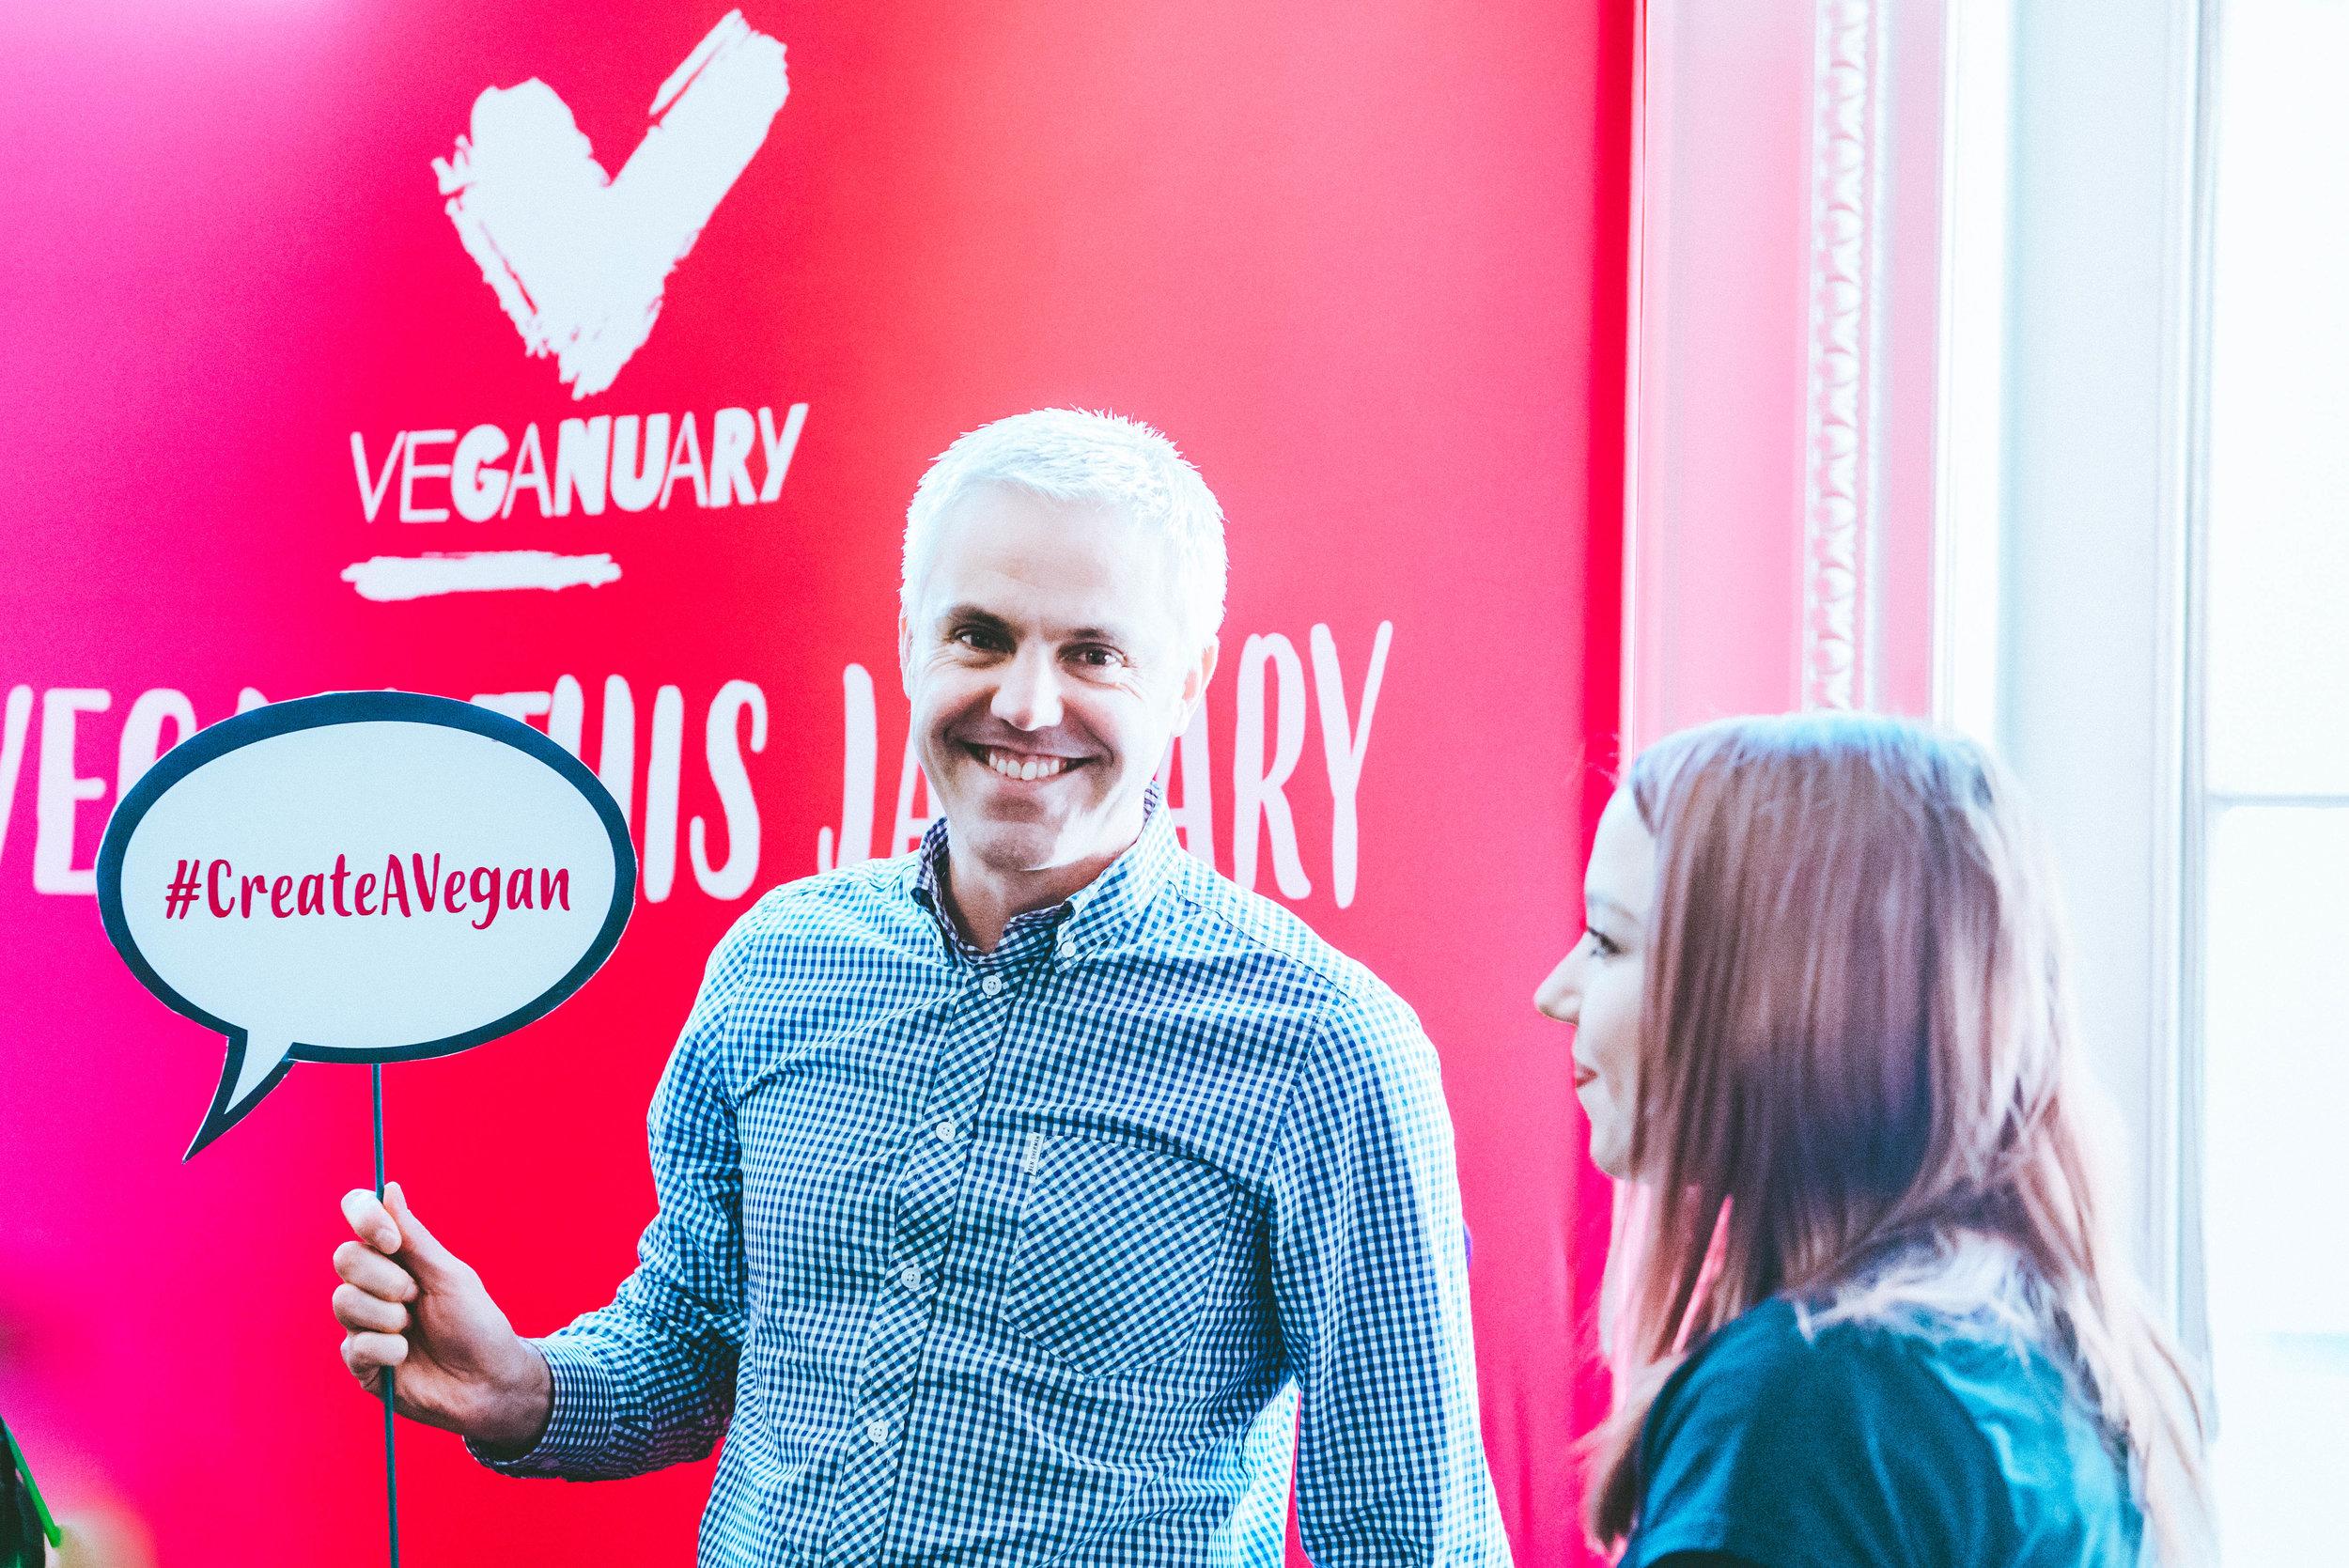 Matthew Glover, Co-Founder of Veganuary at Vevolution Festival 2017